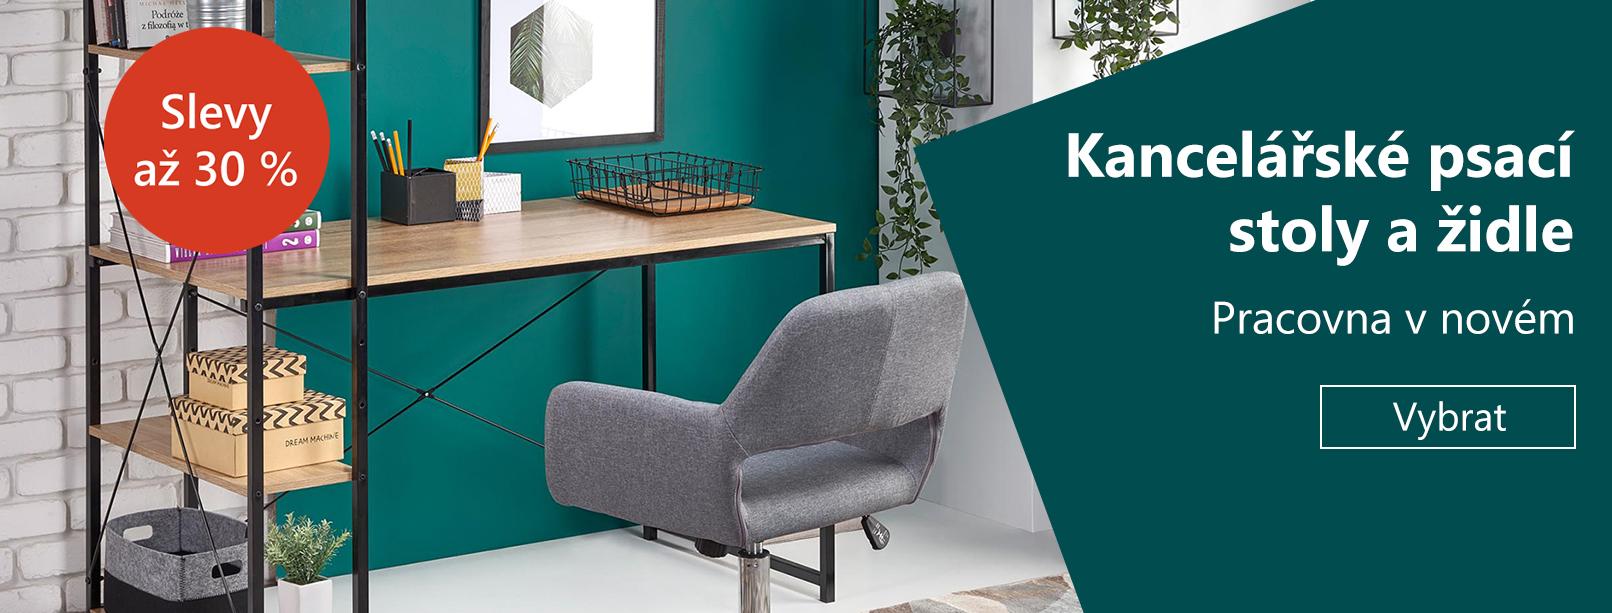 Pracovna v novém: Kancelářské židle a stoly se slevou až 30 %